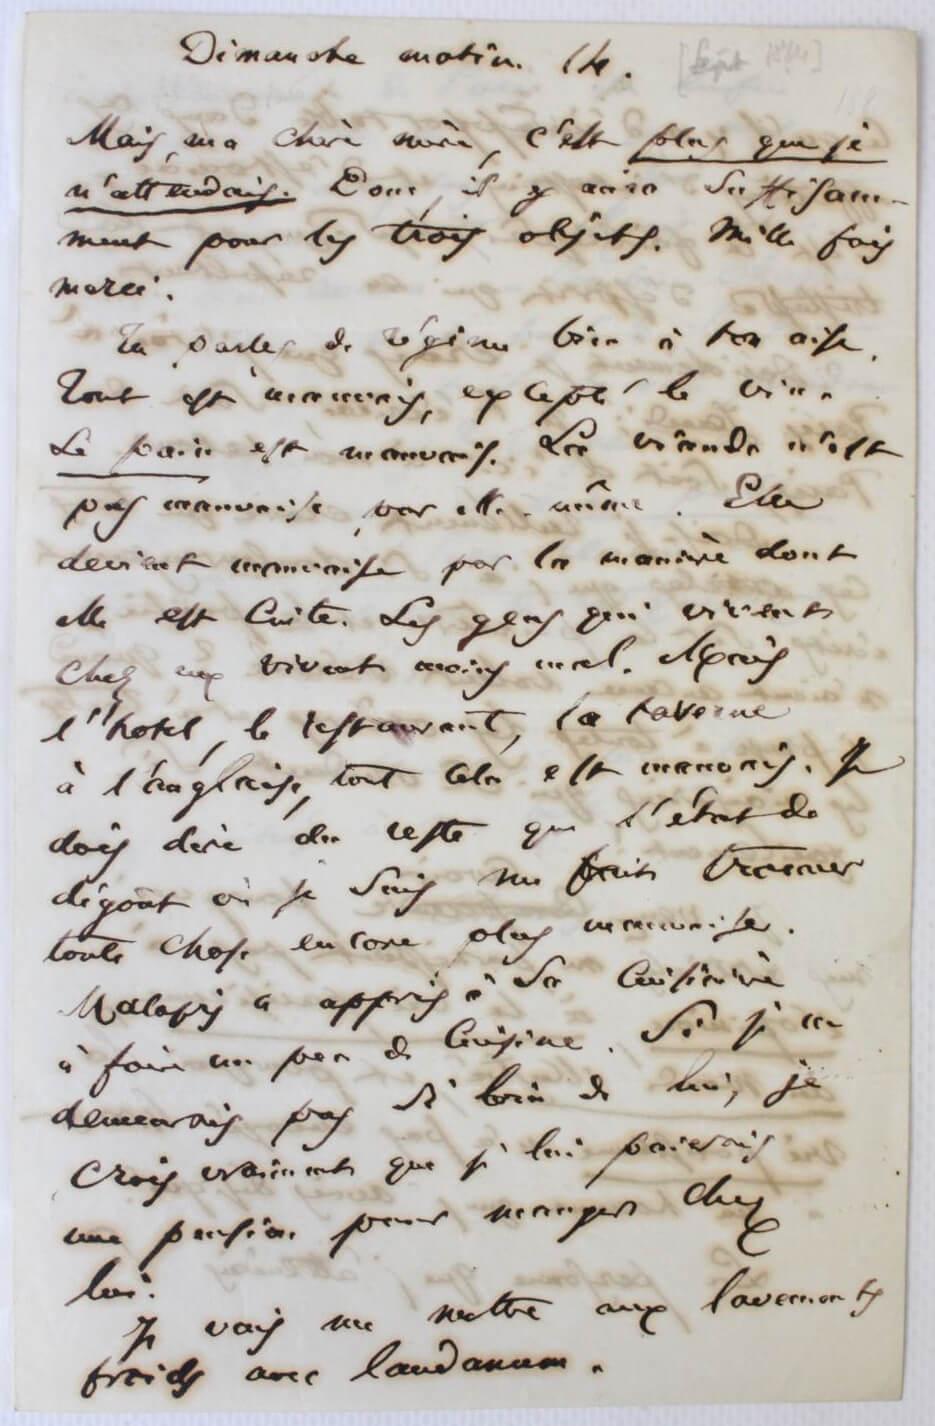 Baudelaire, correspondentie Brussel, België. Aan Madame Aupick, 14, 22 augustus 1864.Vertalingen Vivienne Stringa